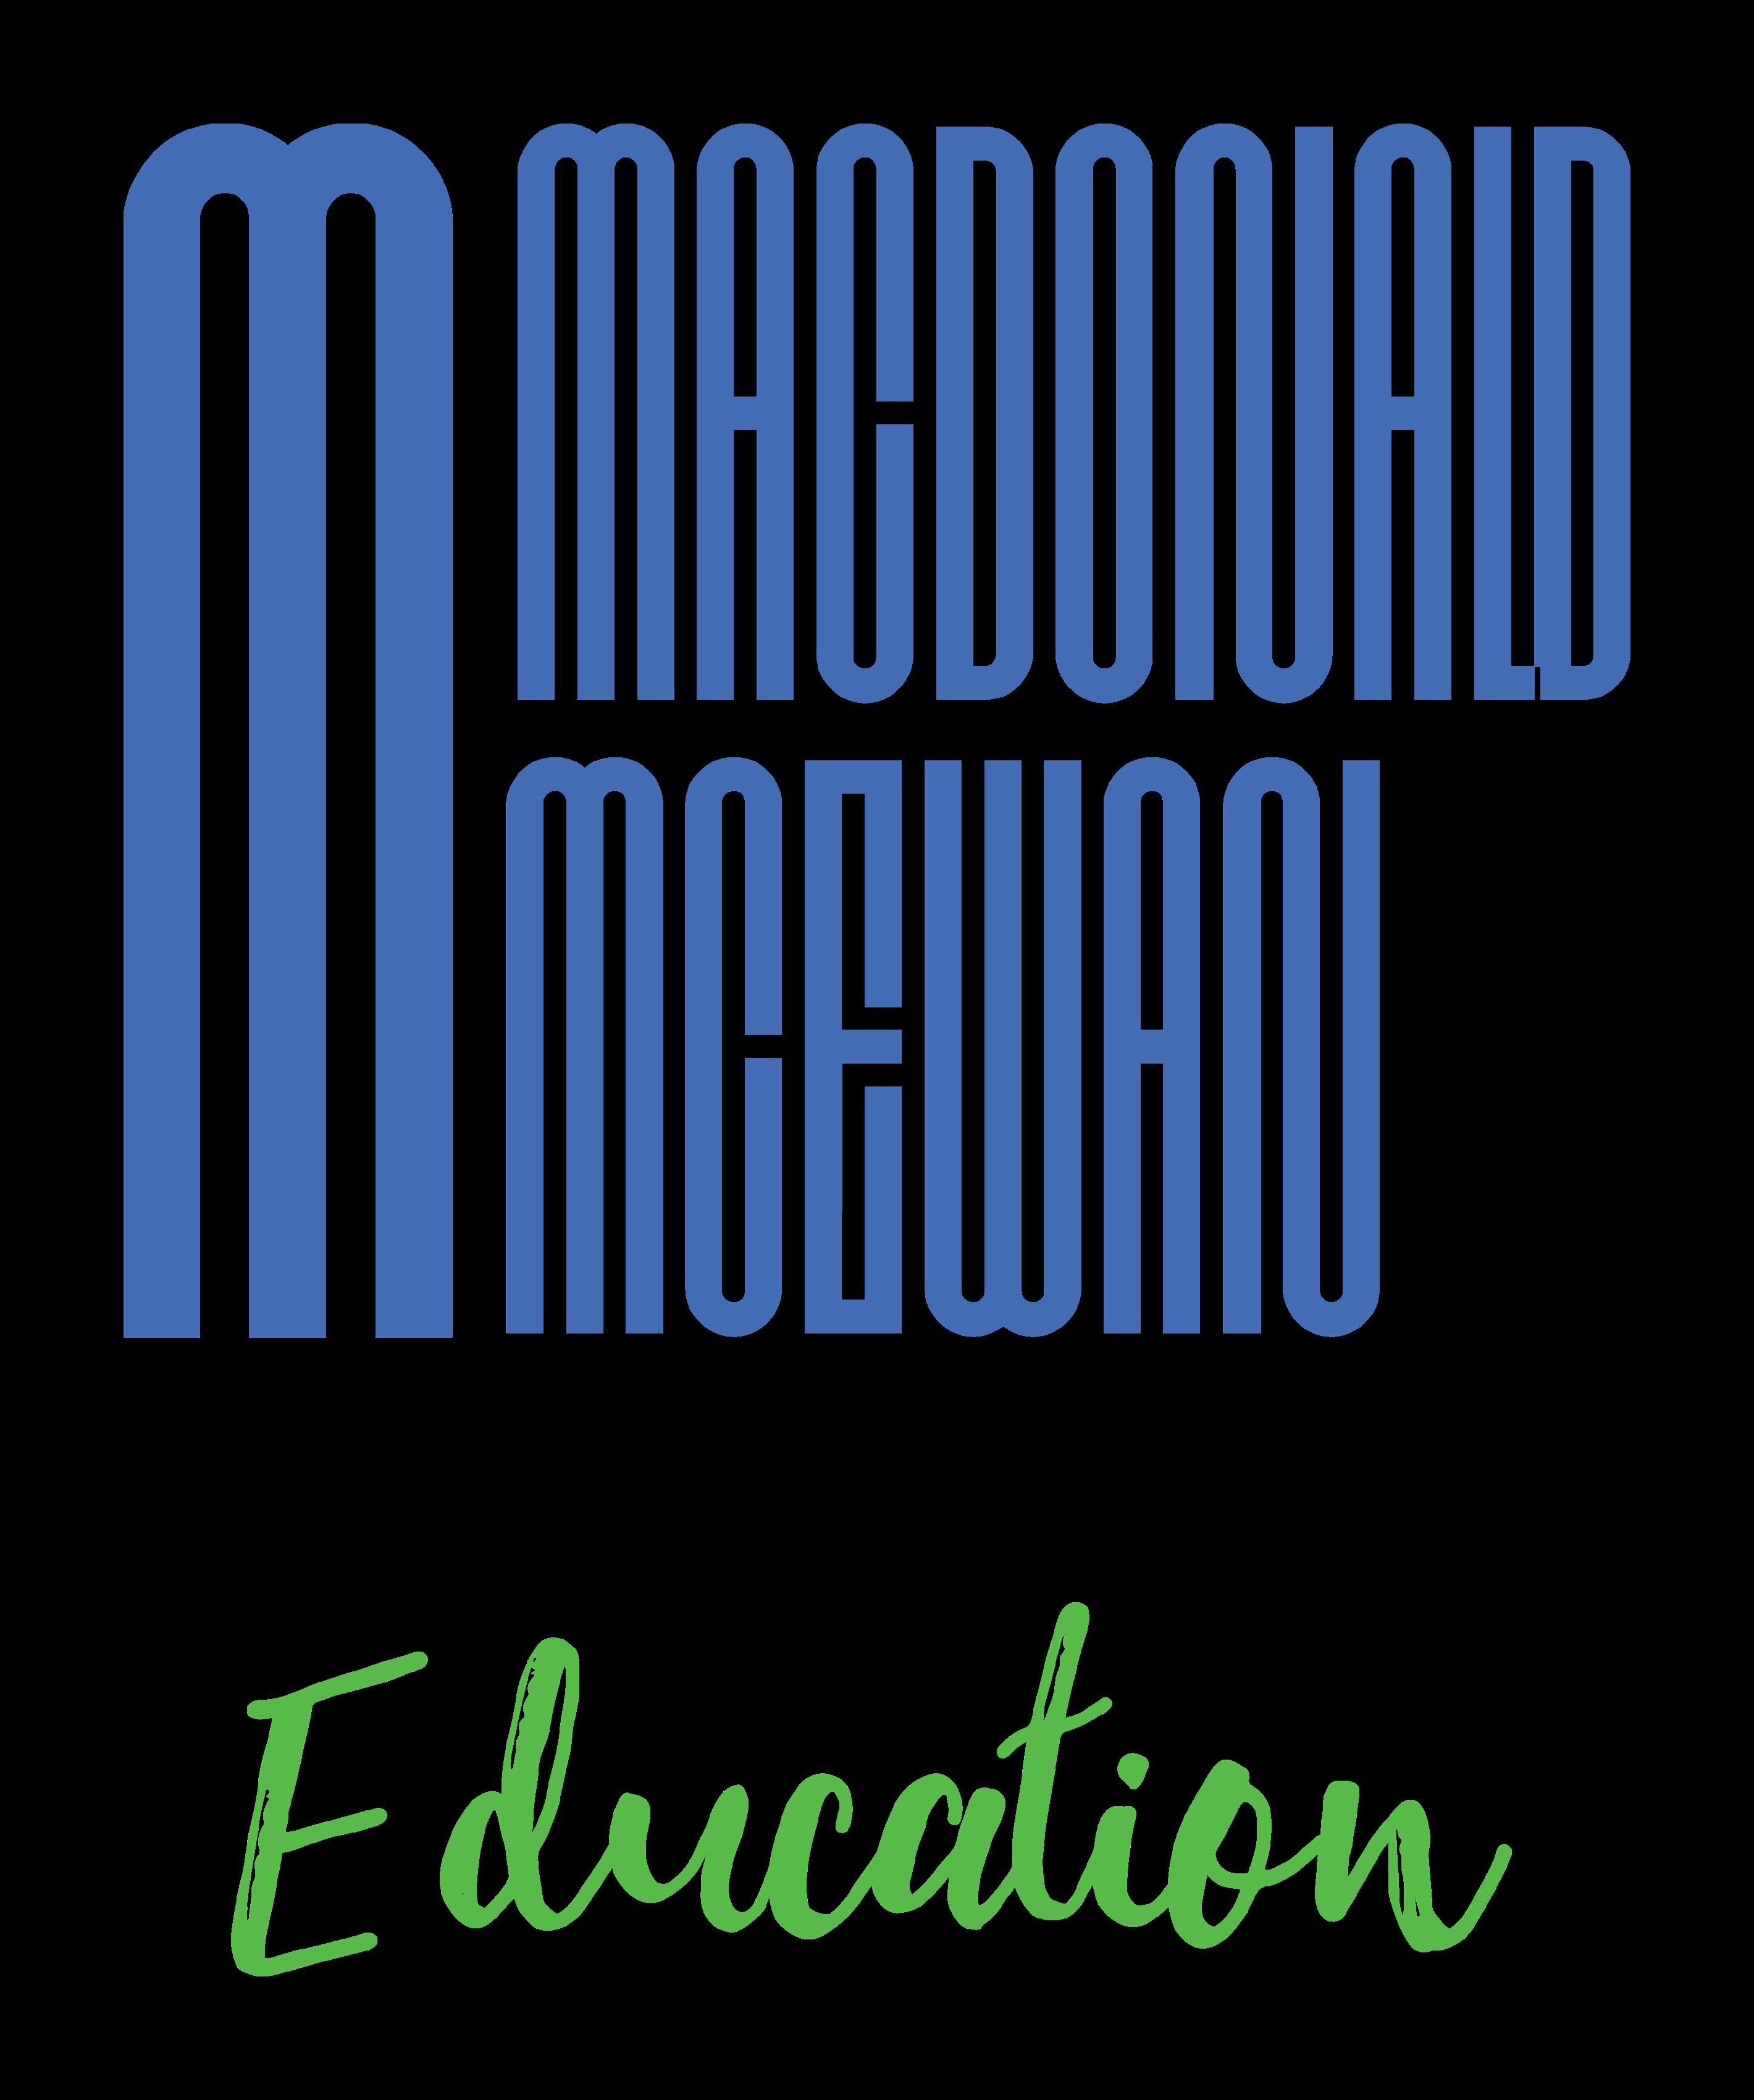 macdonald mcewan education logo